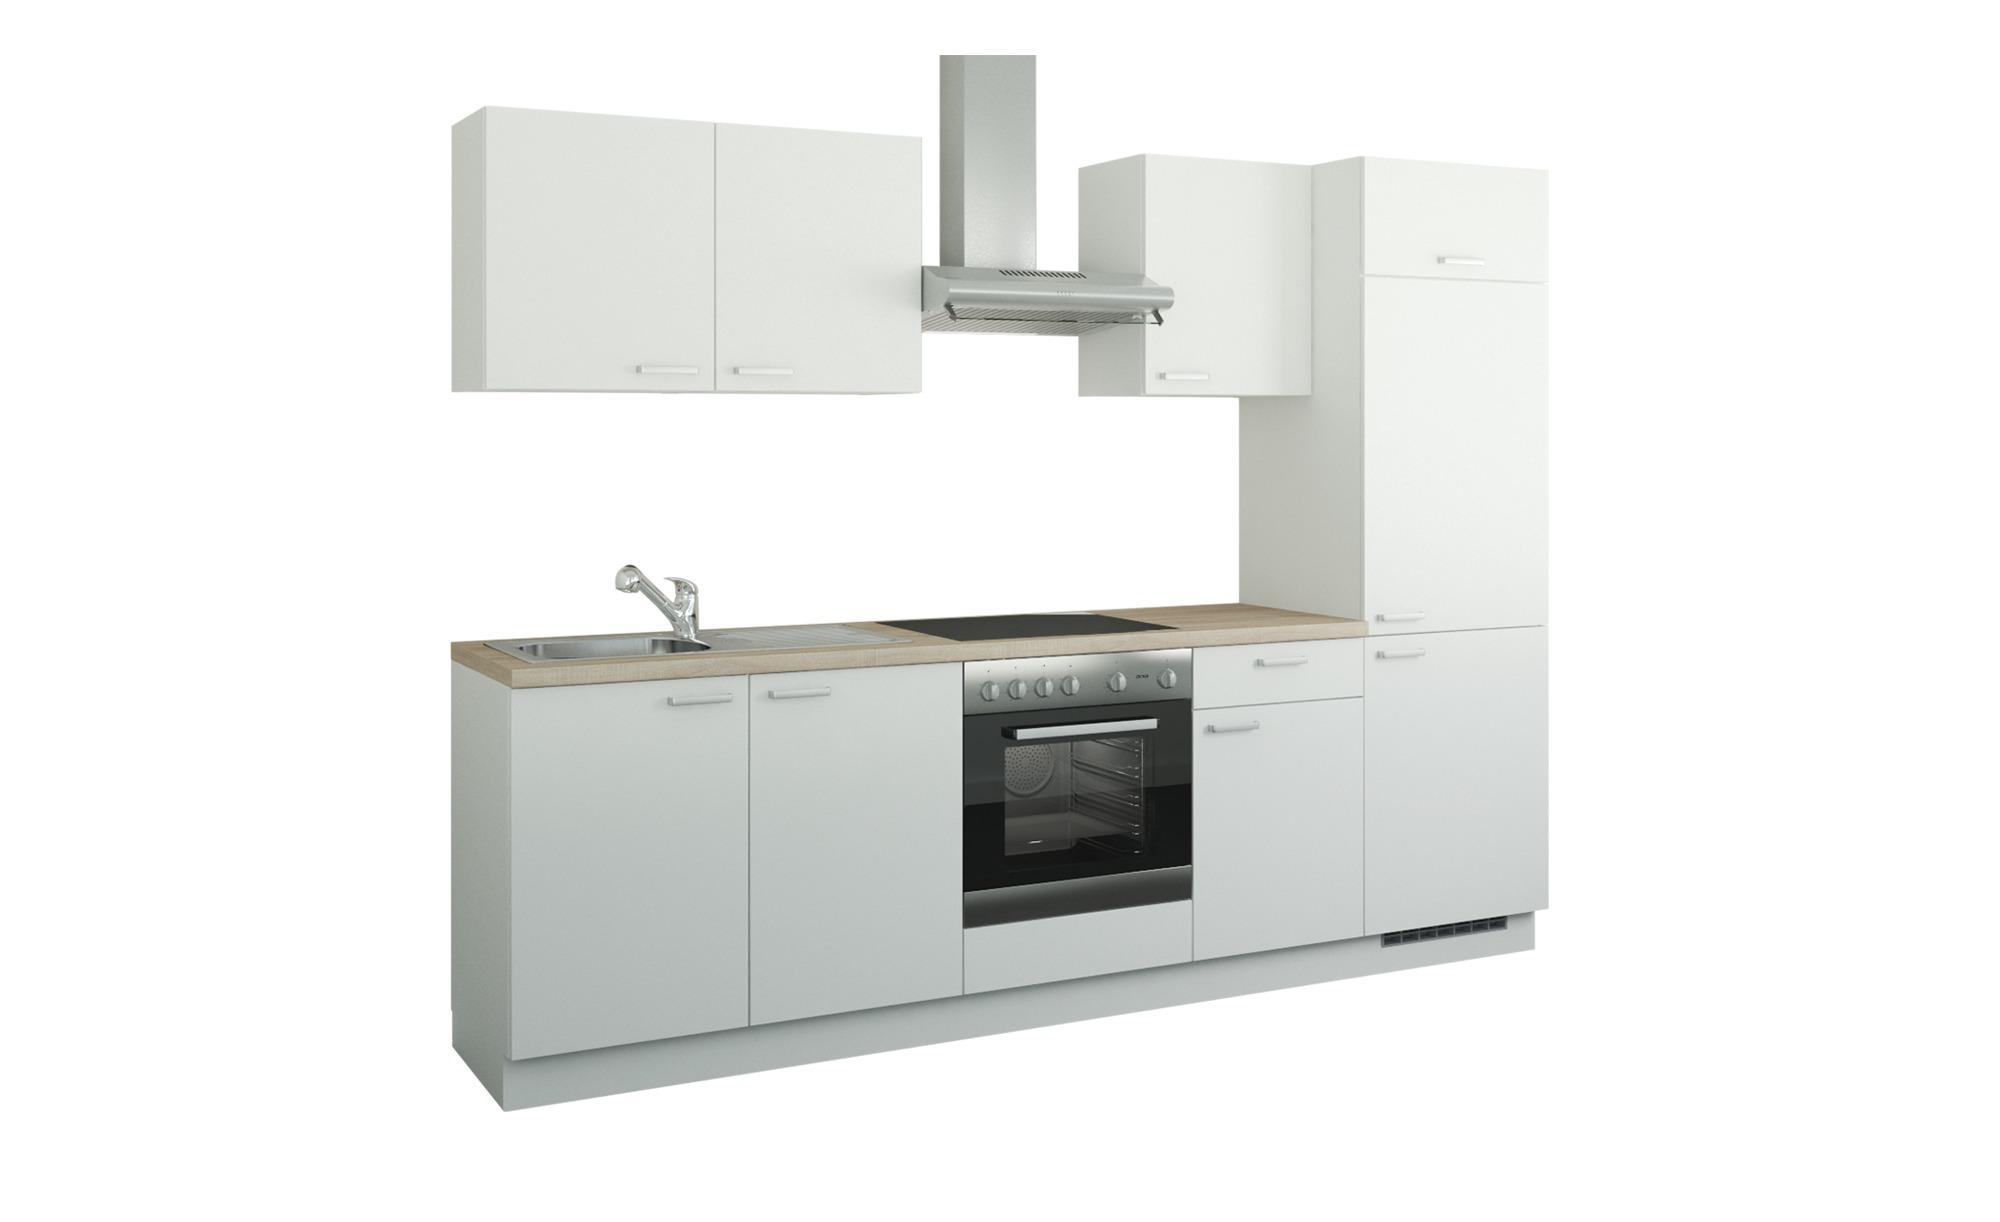 Küchenzeile mit Elektrogeräten  Aachen ¦ weiß ¦ Maße (cm): B: 270 Küchen > Küchenblöcke - Höffner | Küche und Esszimmer > Küchen > Küchenzeilen | Weiß | Holzwerkstoff | Möbel Höffner DE